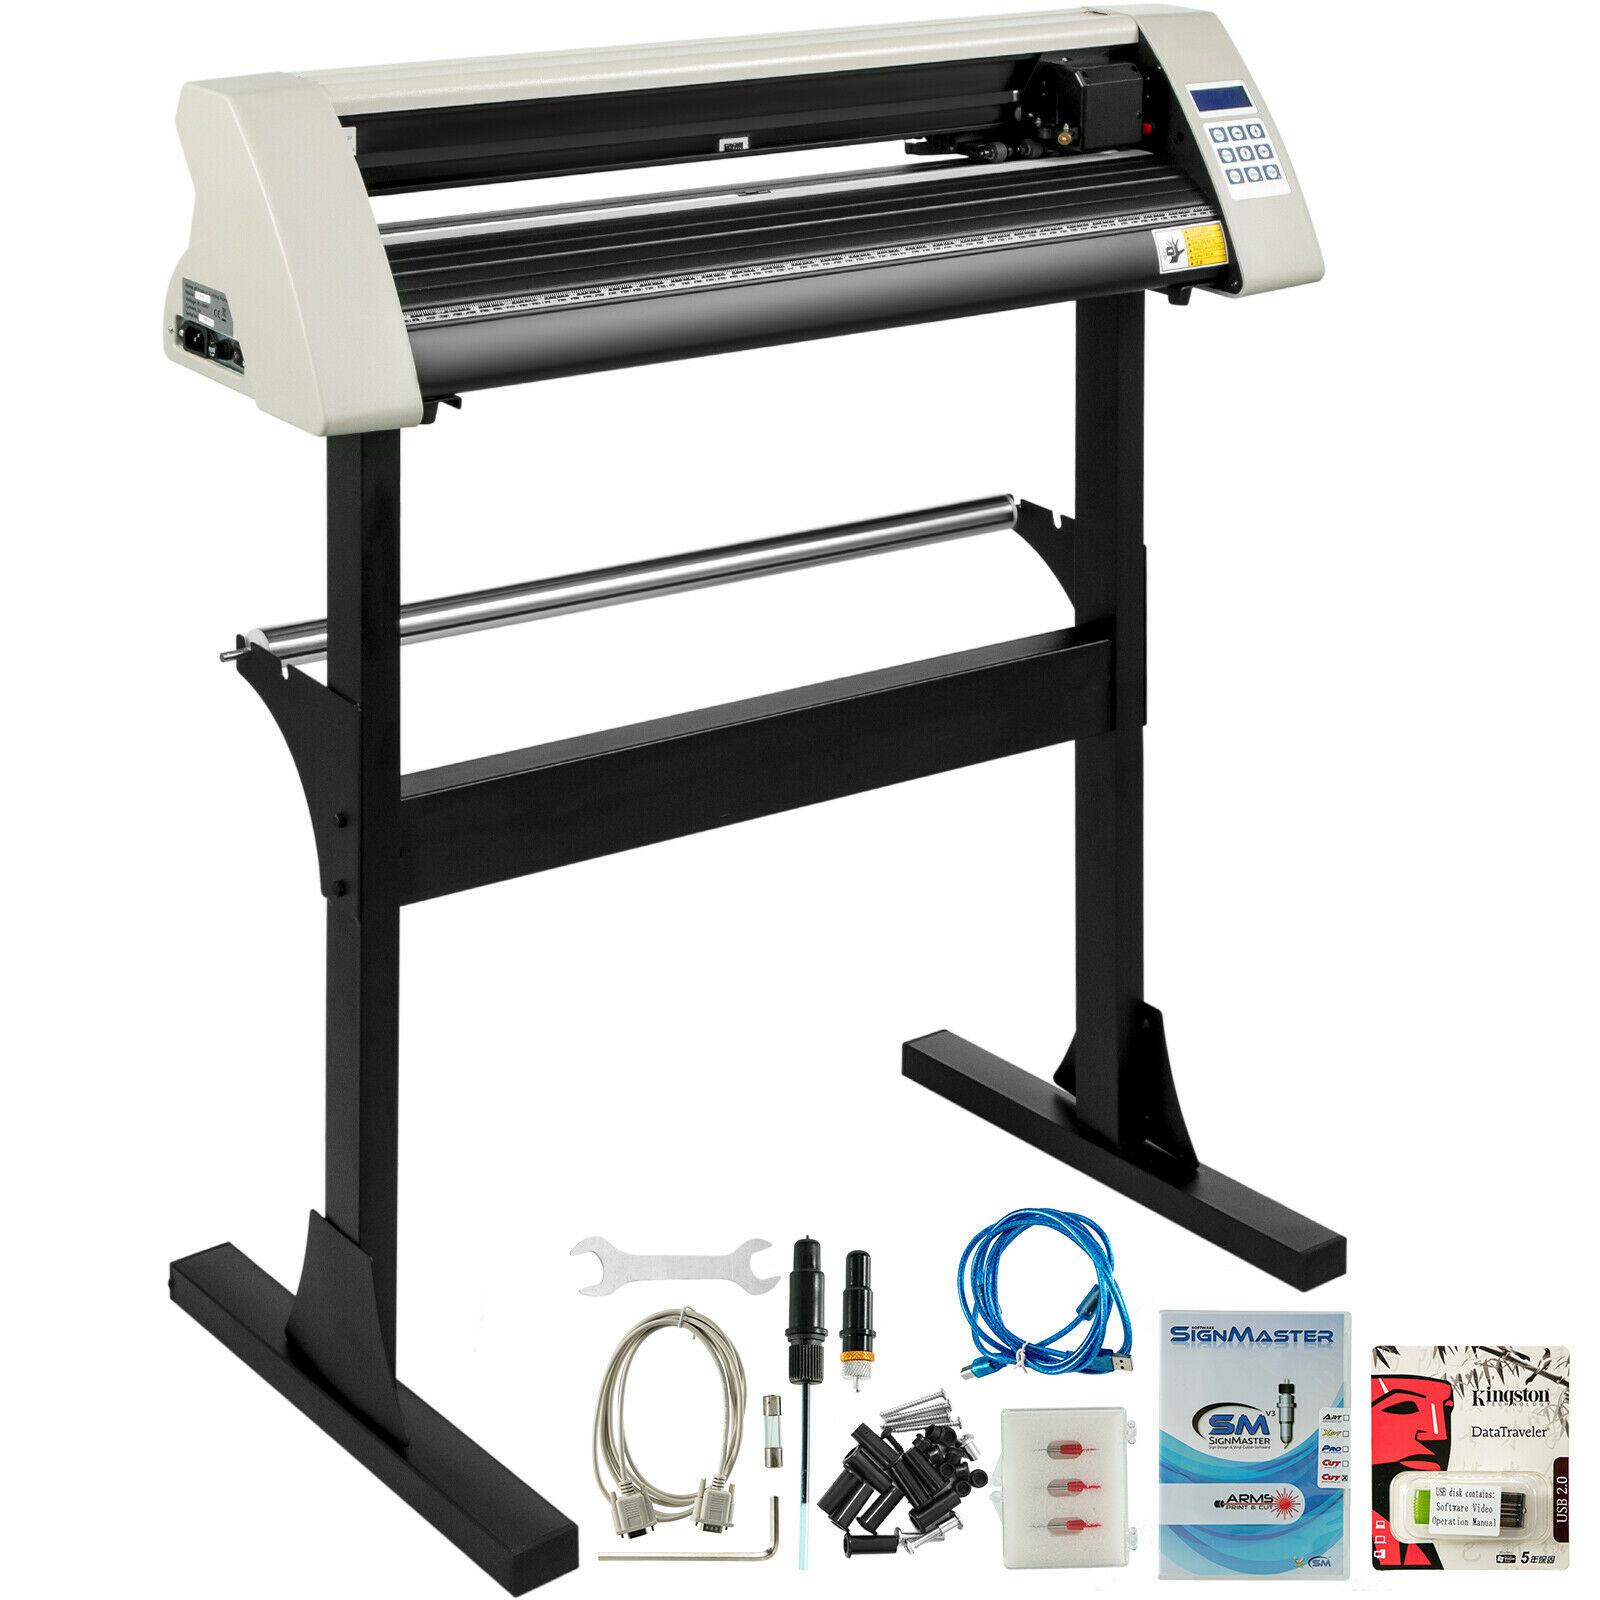 Виниловый режущий плоттер, режущий плоттер 28 дюймов, Signmaster программное обеспечение + расходные материалы